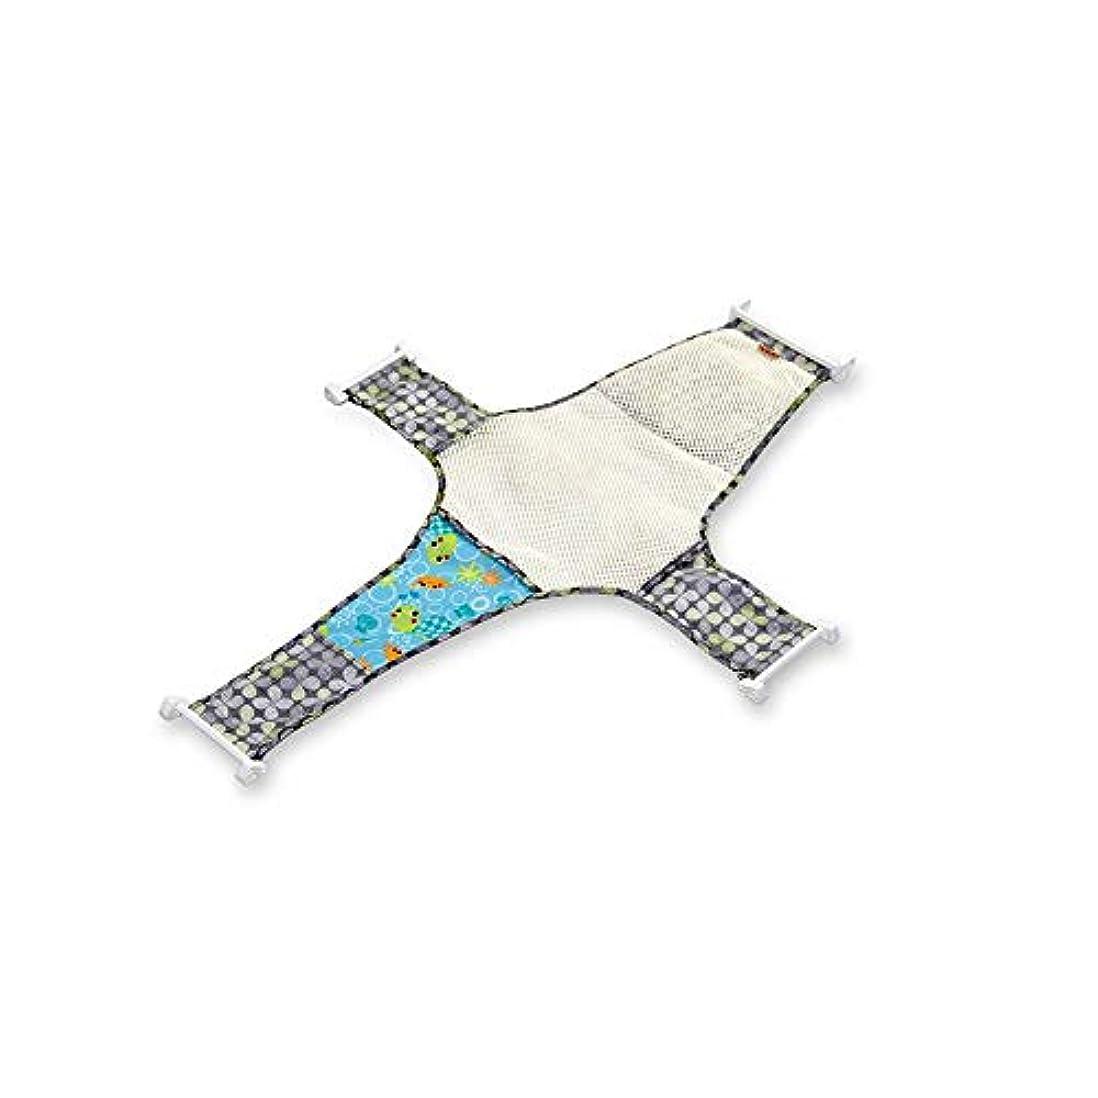 カメラ要求サミュエルOnior調整可能 十字メッシュ パターン バスタブ 座席 スタンドネット 滑り止め 浴槽網 耐久性